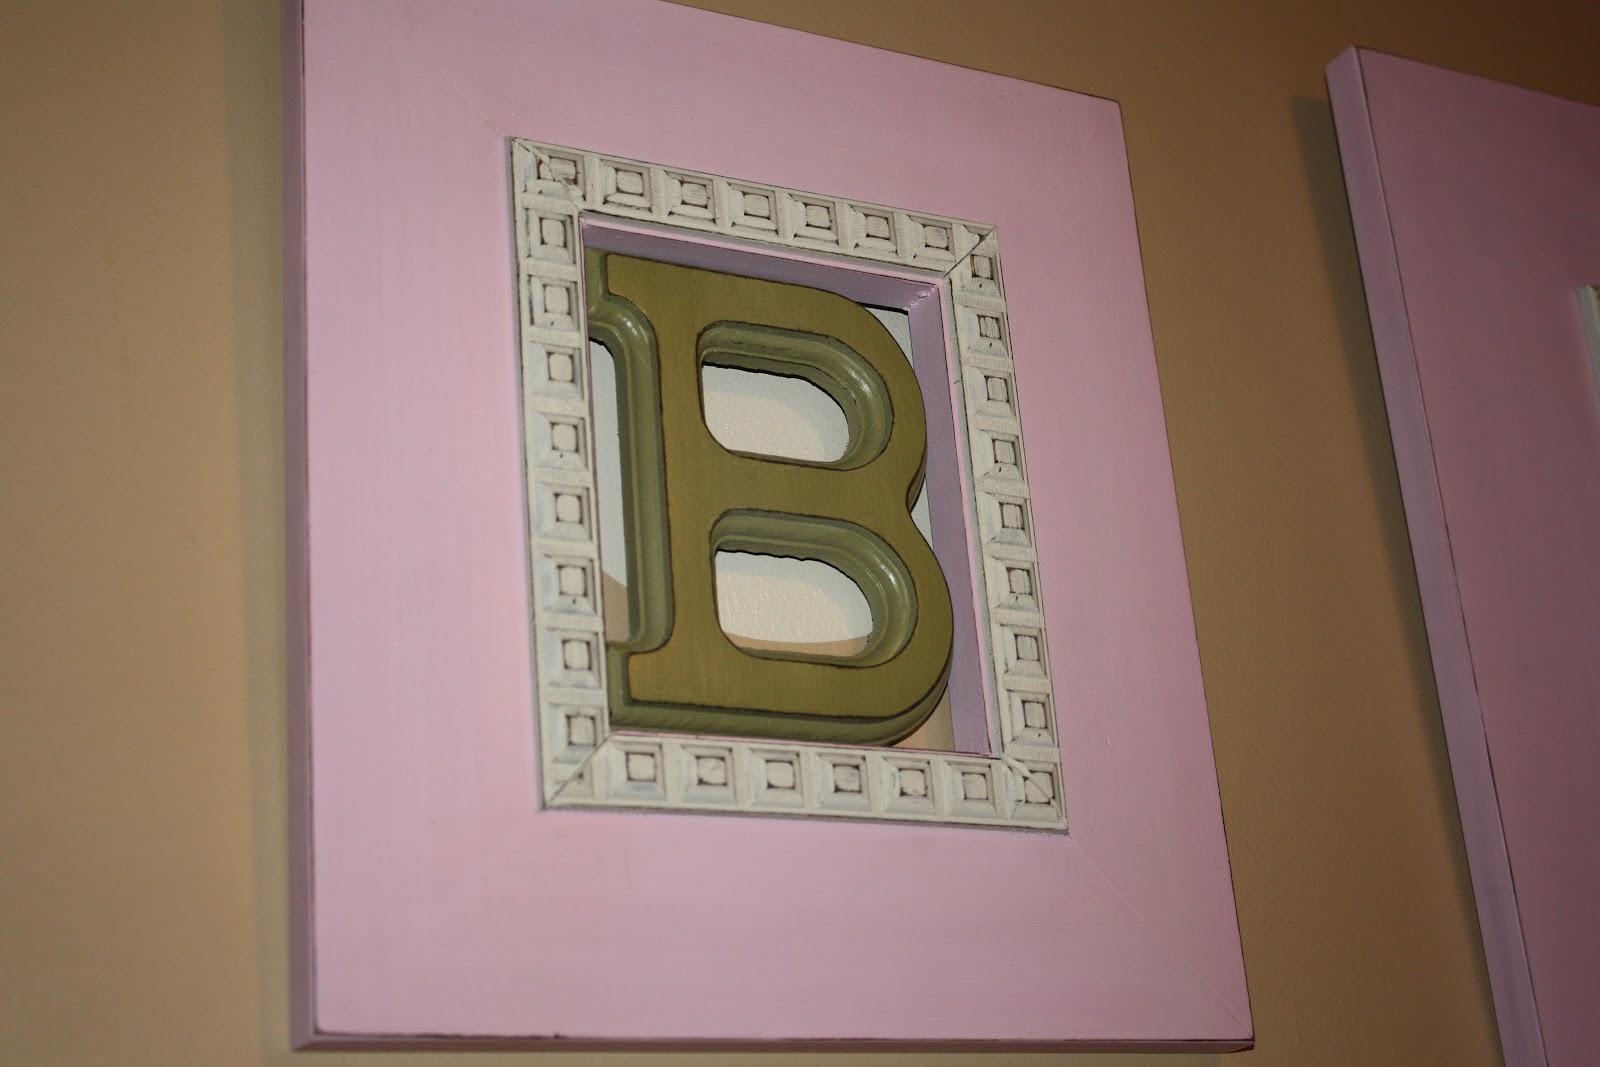 Poppy\'s Custom Frames: Initial Frames